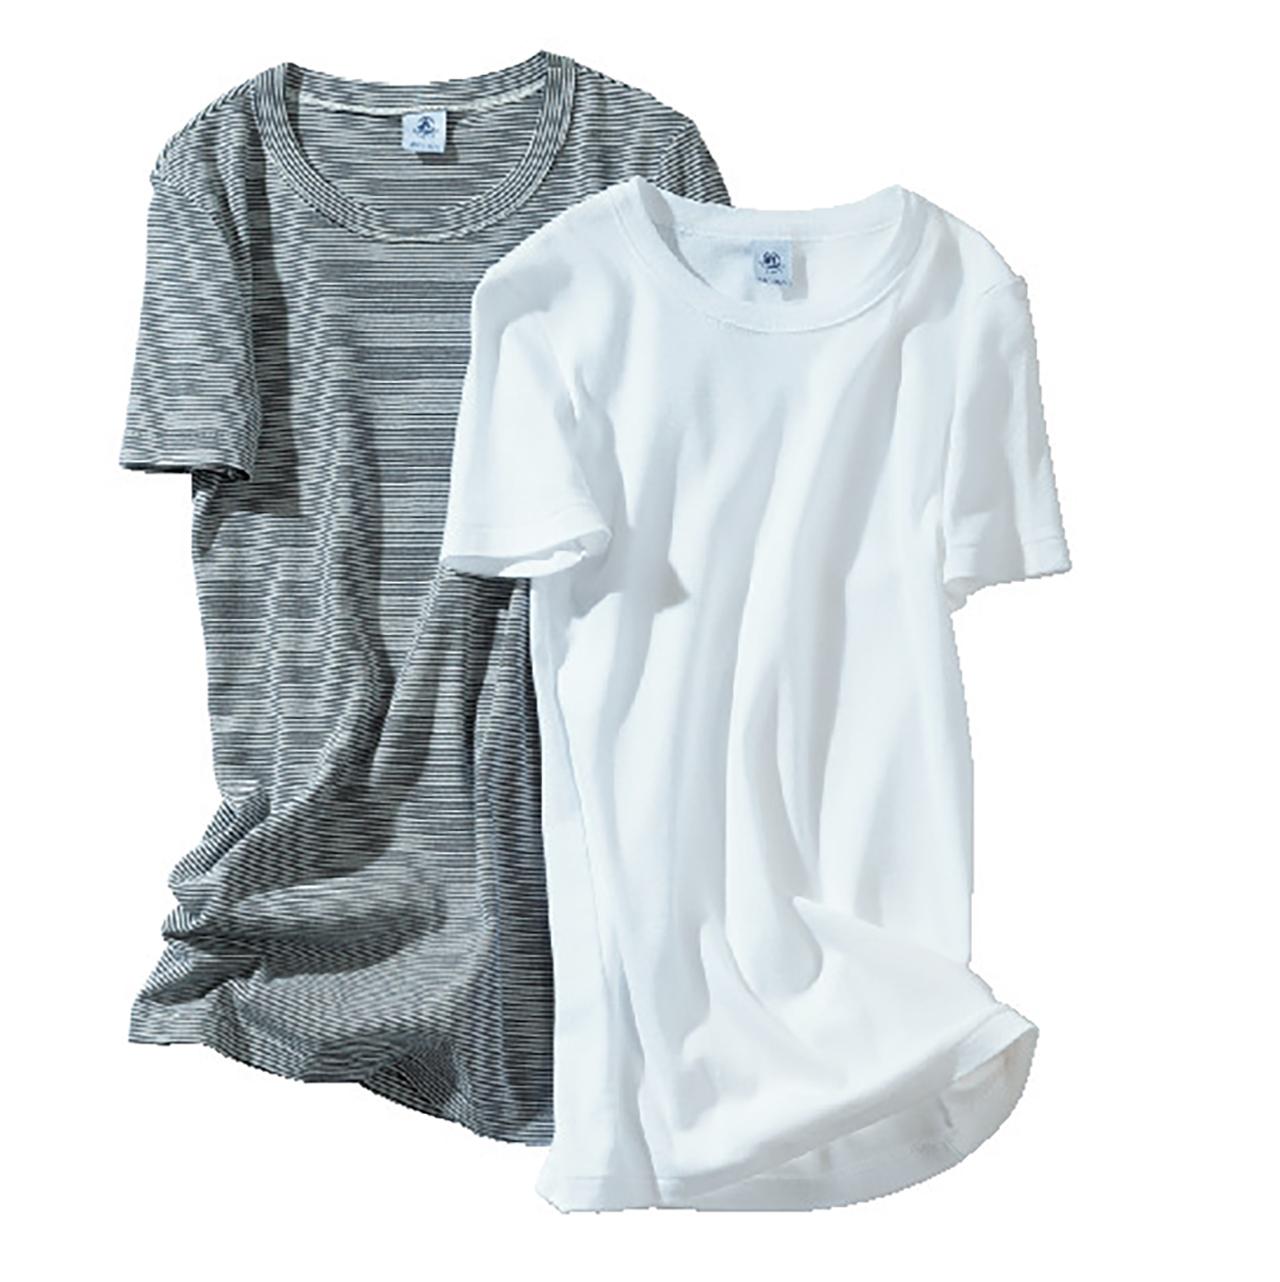 あなたの要望に応える、人気ブランドのTシャツ 五選_1_1-2